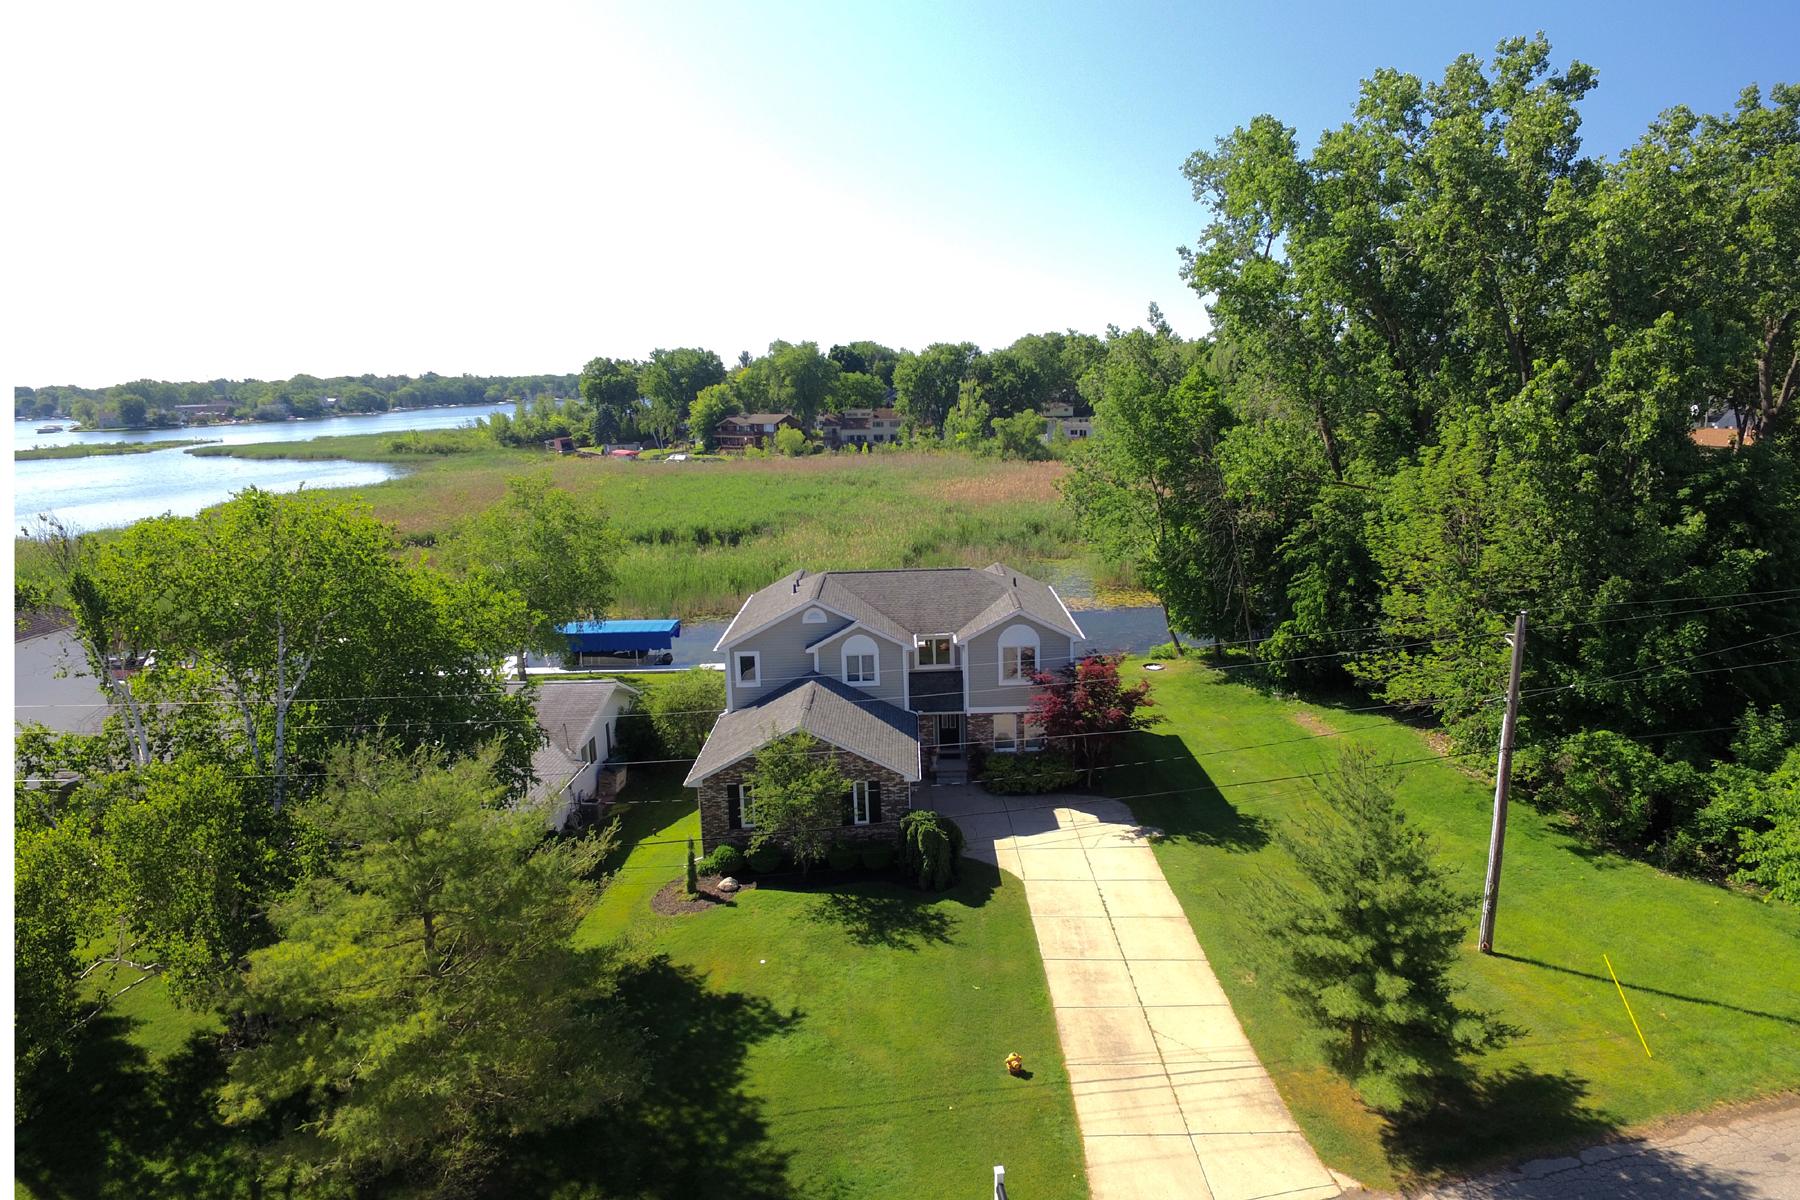 Maison unifamiliale pour l Vente à Waterford 1069 Beachland Blvd. Waterford, Michigan, 48328 États-Unis